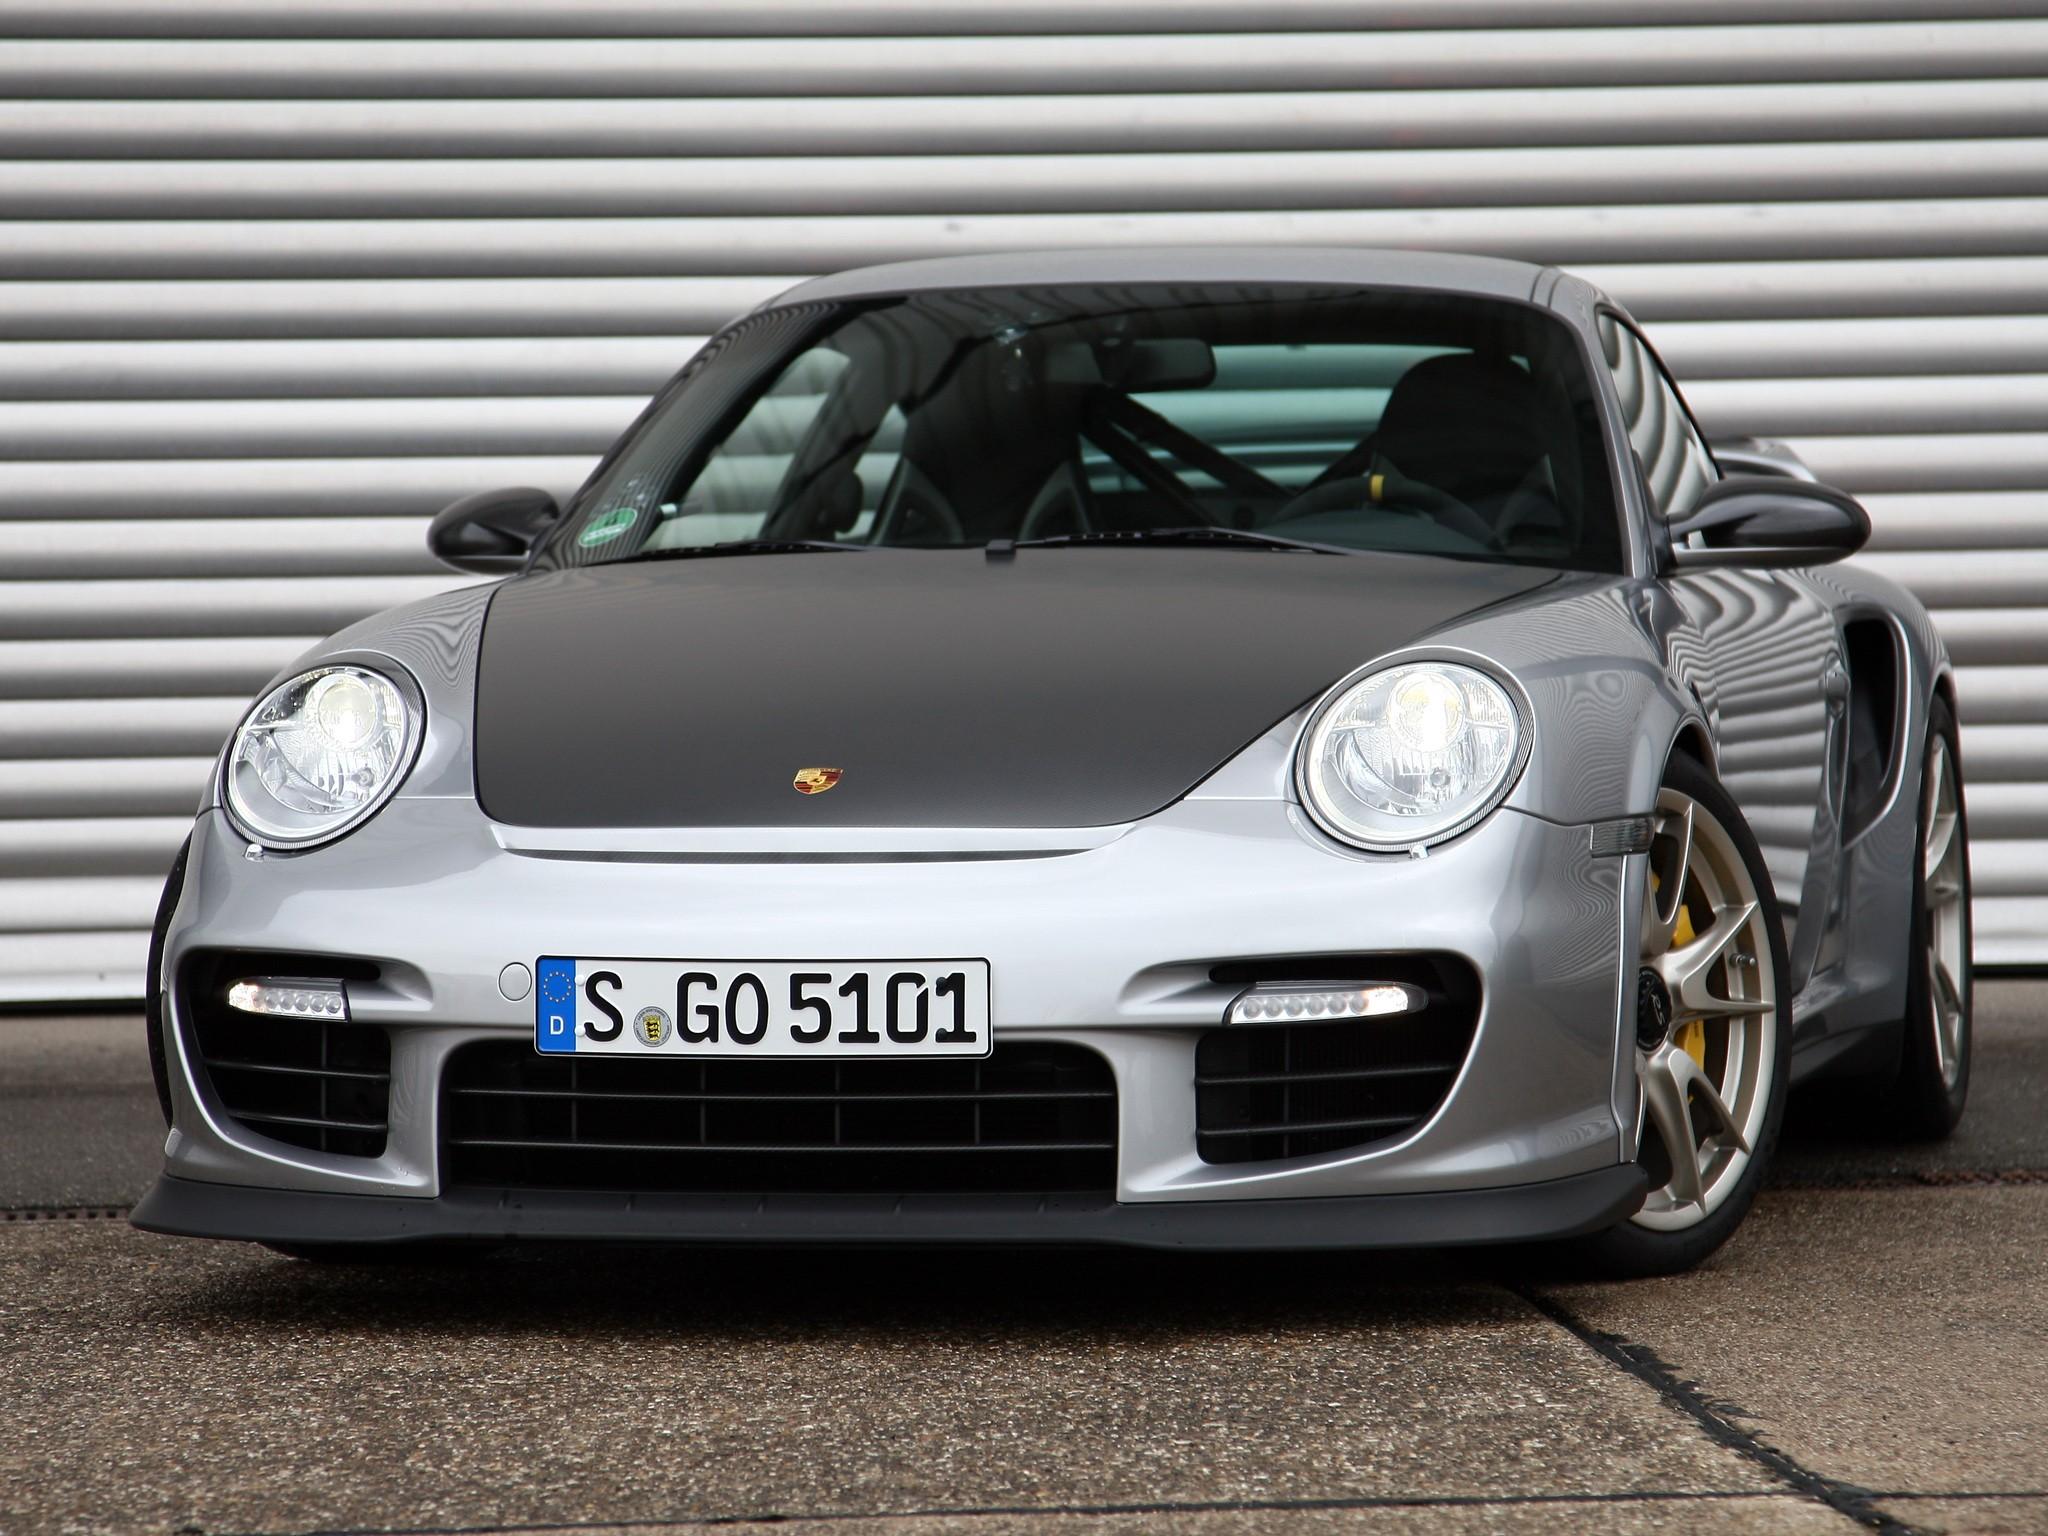 PORSCHE-911-GT2-RS-4327_30 Astounding Porsche 911 Gt2 Rs 2012 Cars Trend